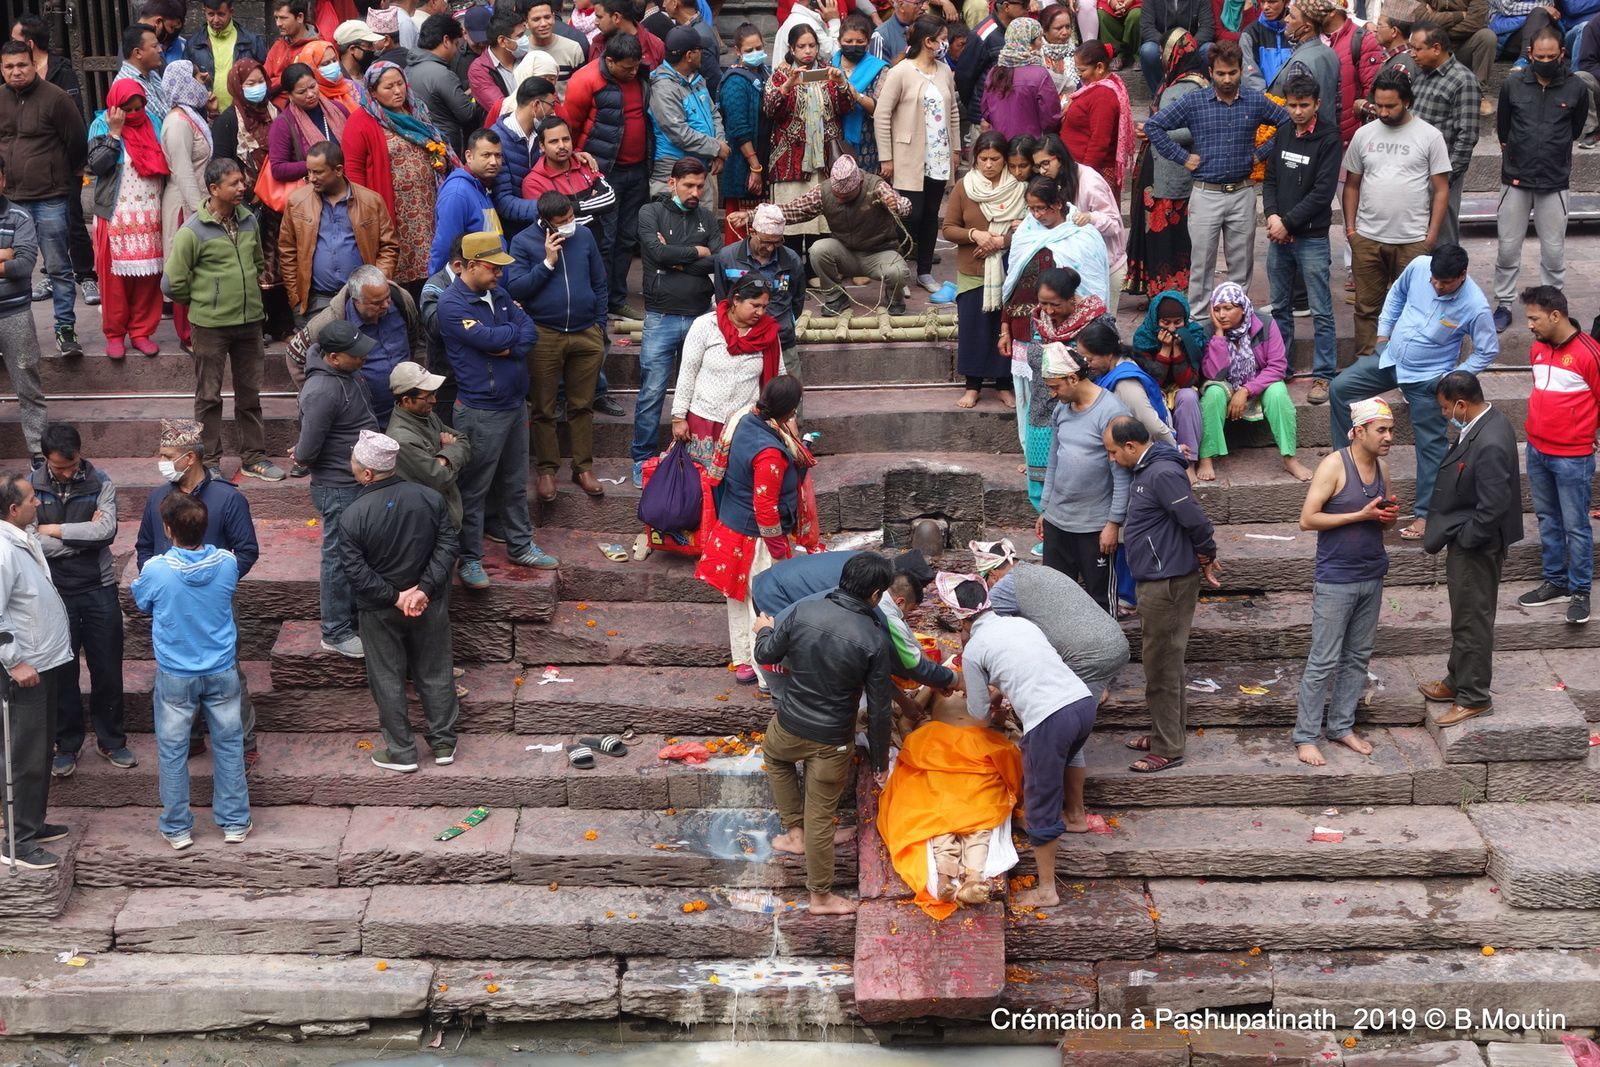 La cérémonie de purification avant crémation à Pashupatinath, Katmandou, Népal (12 photos)